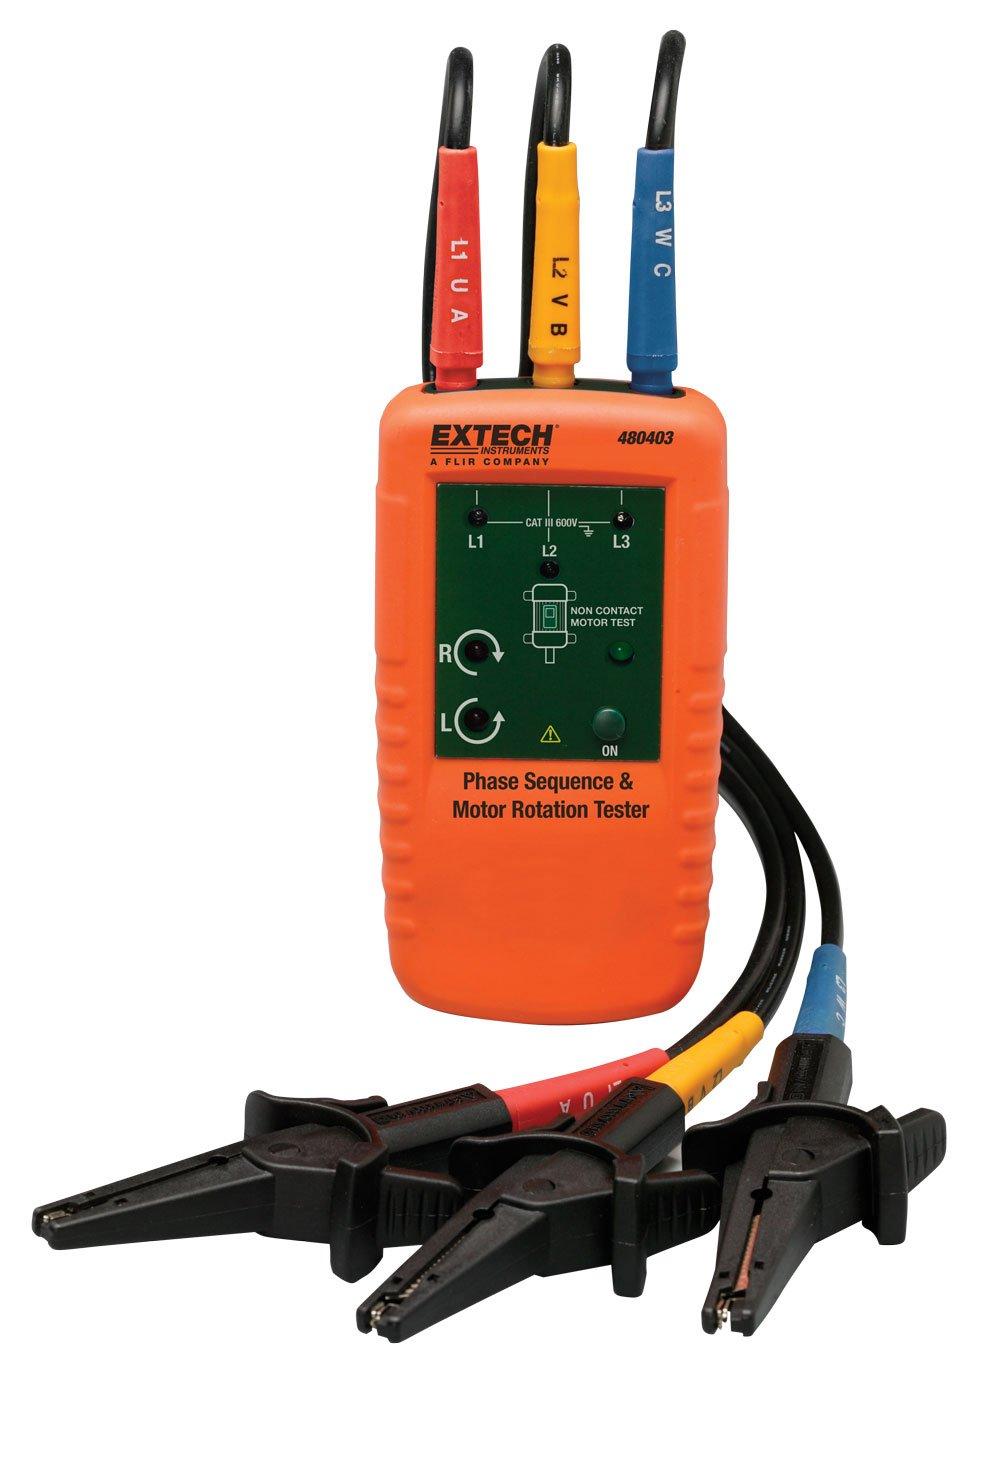 Extech 480403 Probador de rotación de motor y trifásico: Amazon.es: Industria, empresas y ciencia